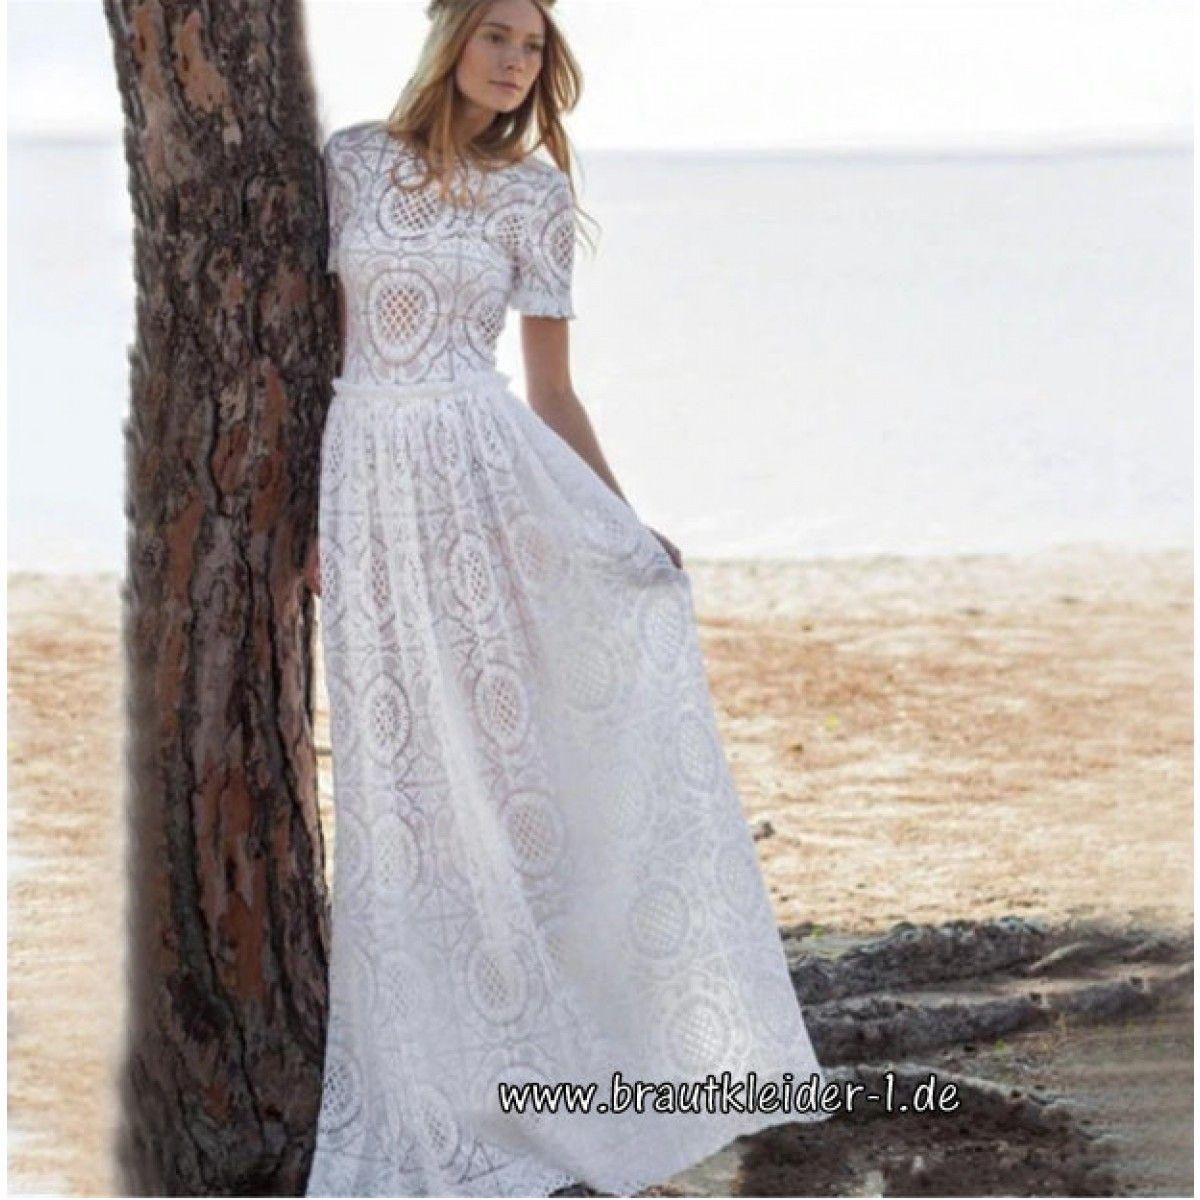 Langes Spitzenkleid Boho Kleid für den Standesamt mit Ärmel in